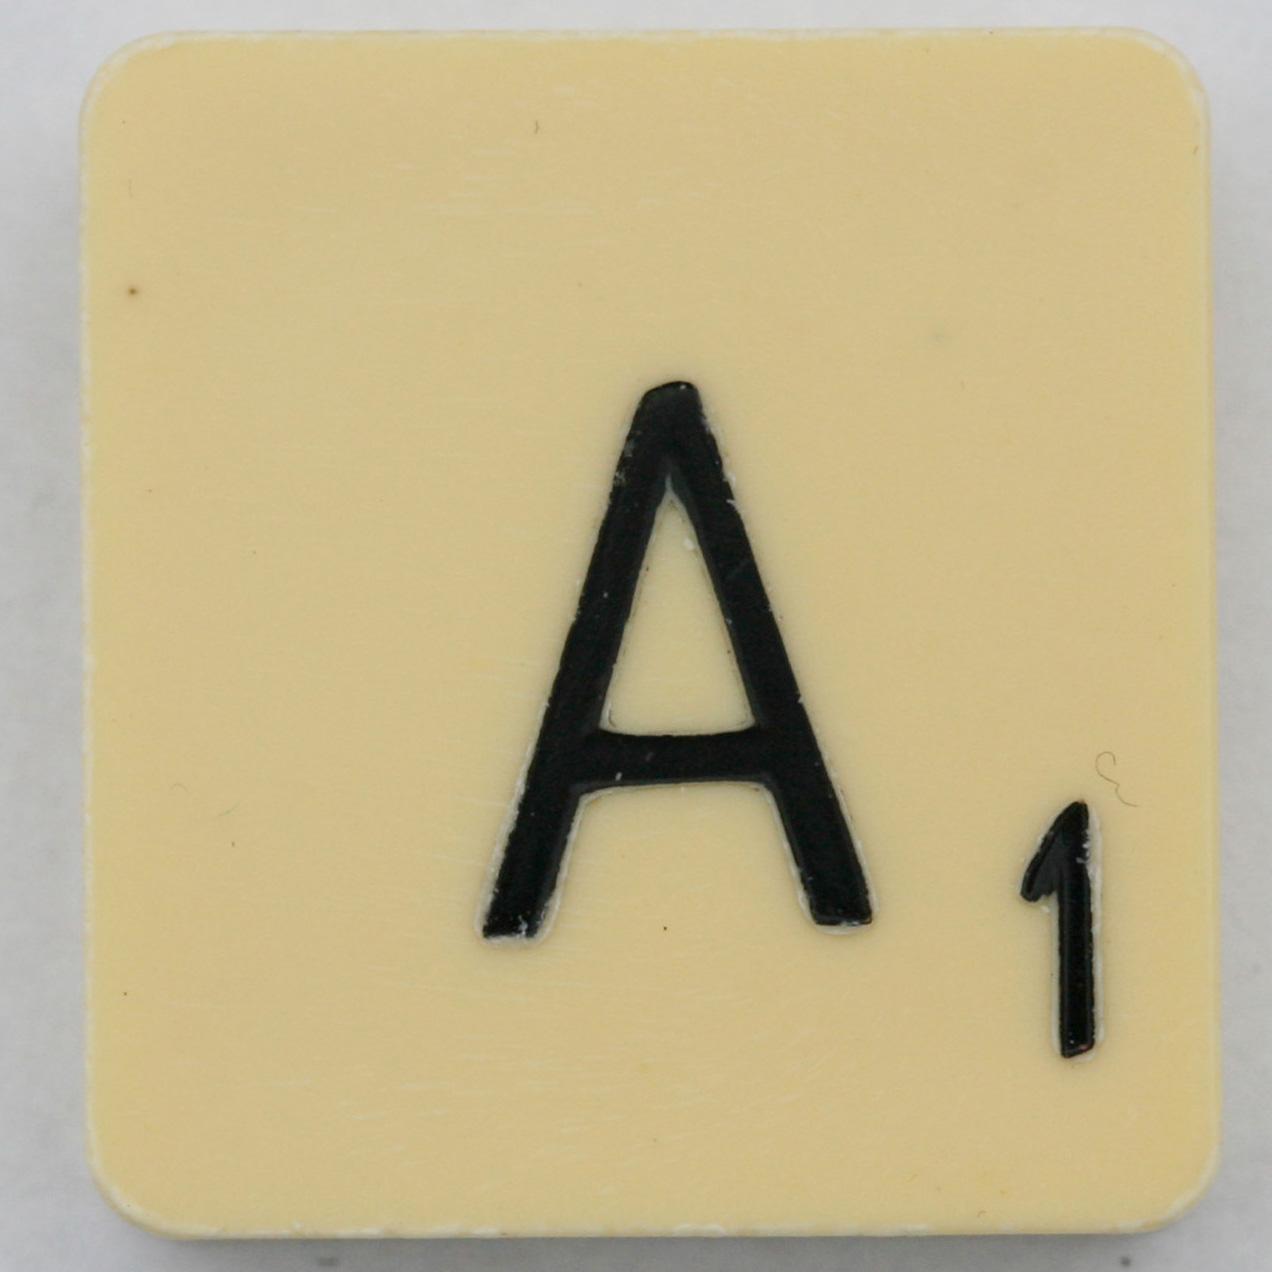 Scrabble Letter A